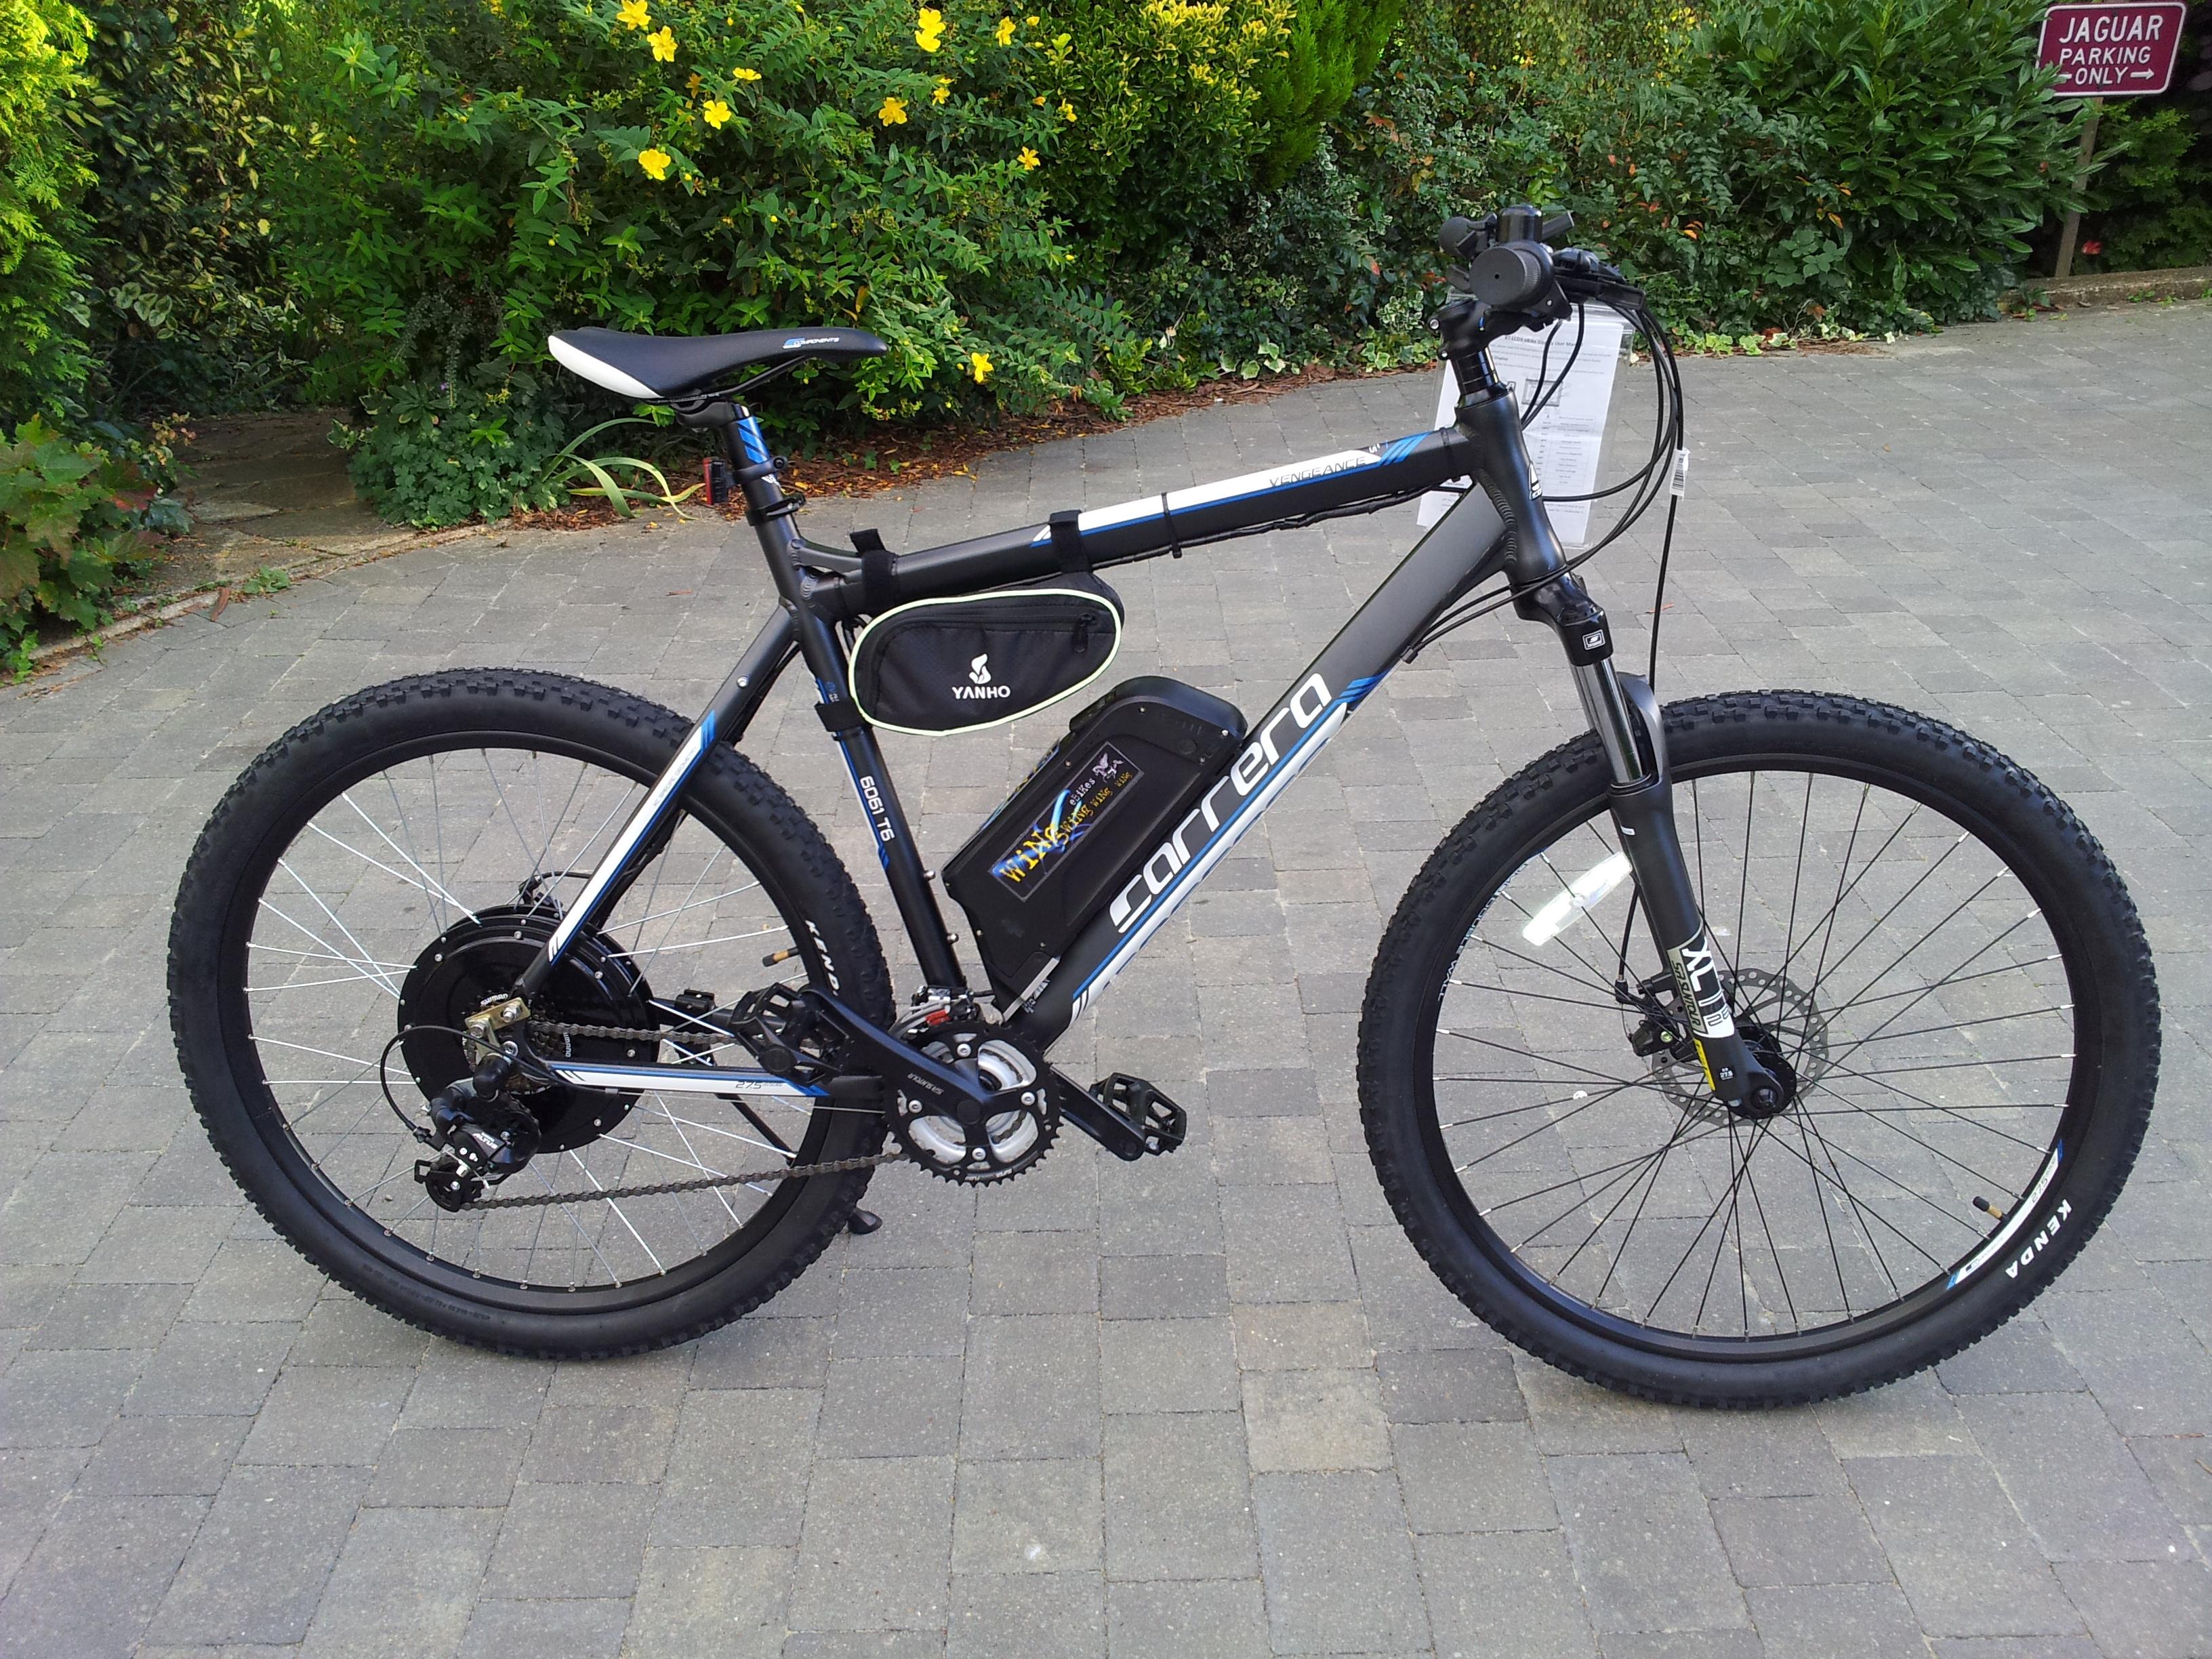 Electric Bike Carrera Vengeance Ebike 2015 1000w Very Fast 48v